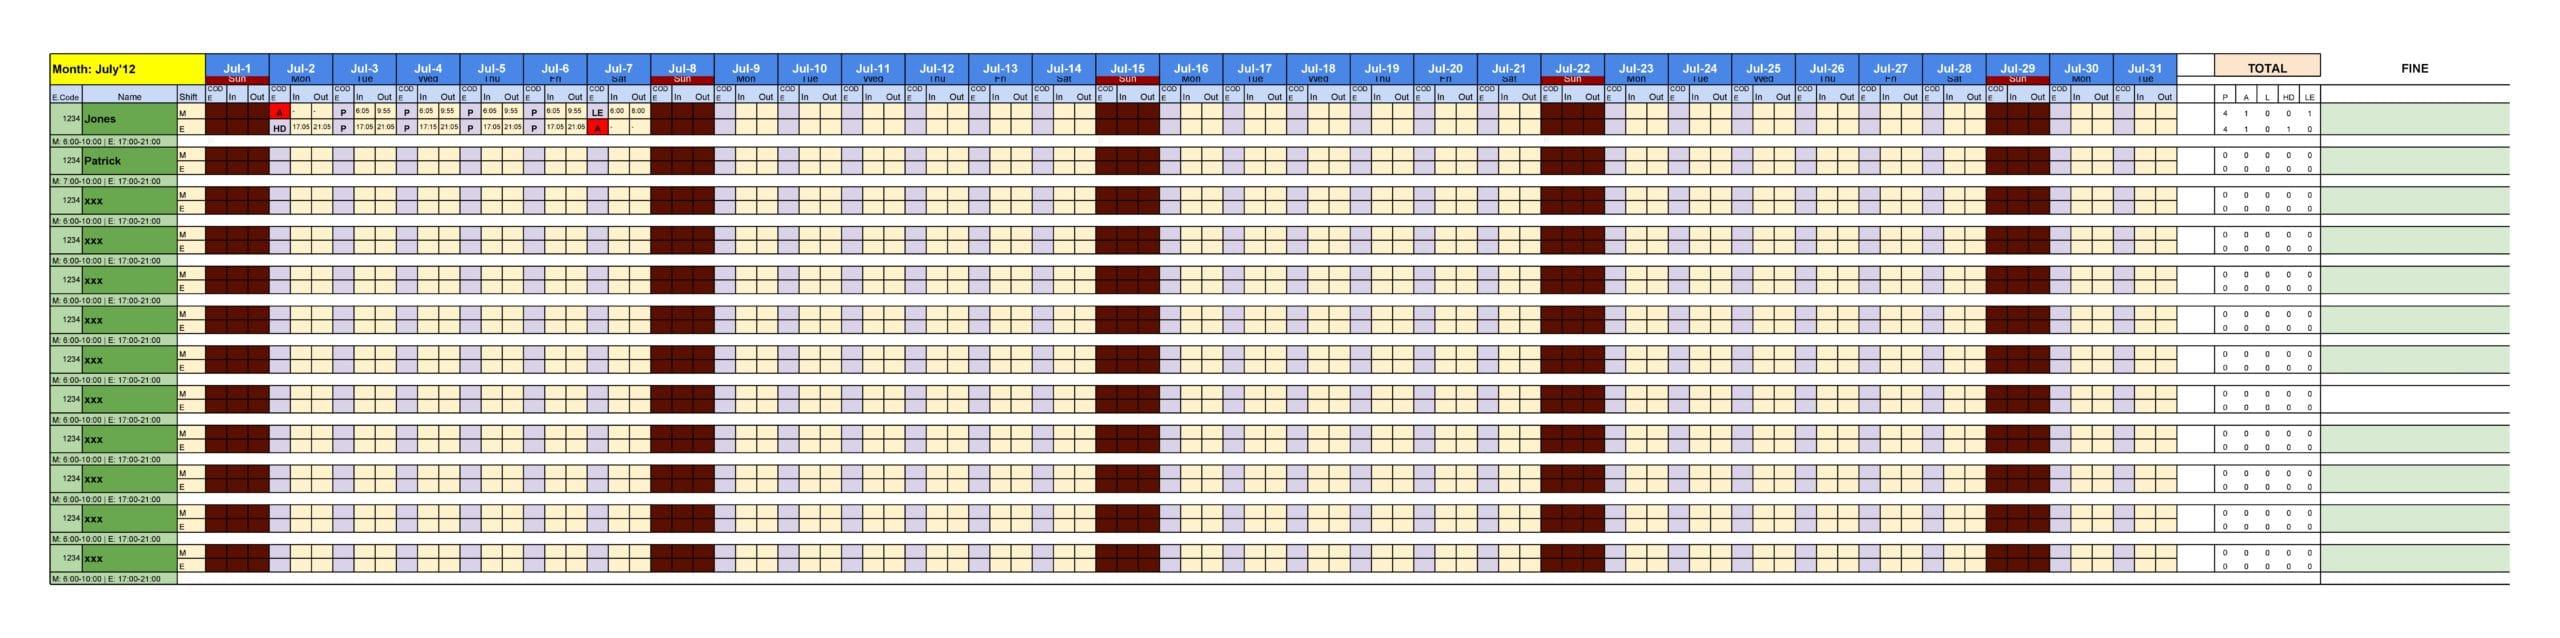 attendance sheet template 12